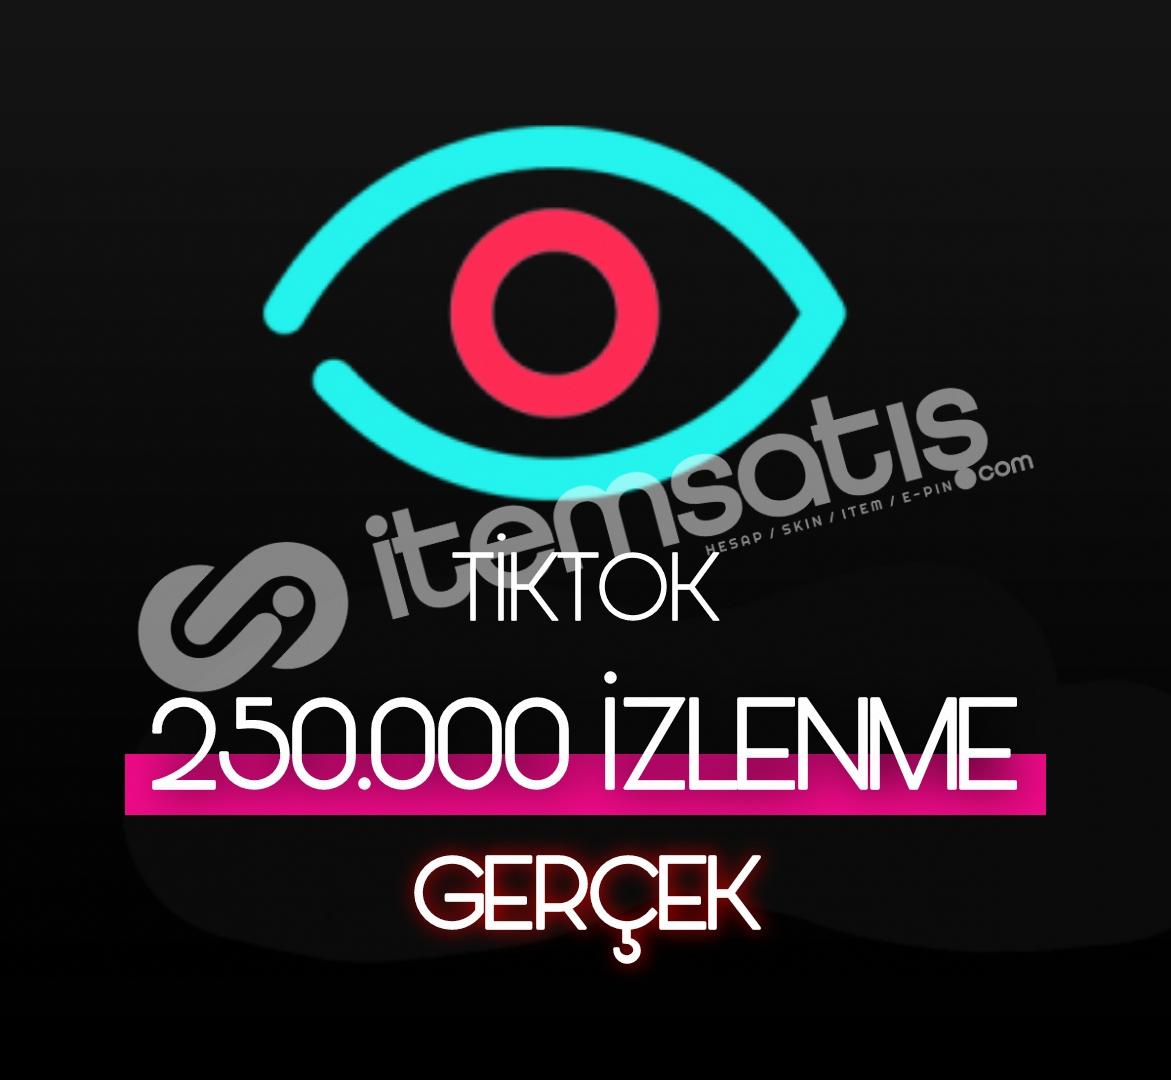 250.000 Tiktok Gerçek İzleyici (Keşfet etkili)